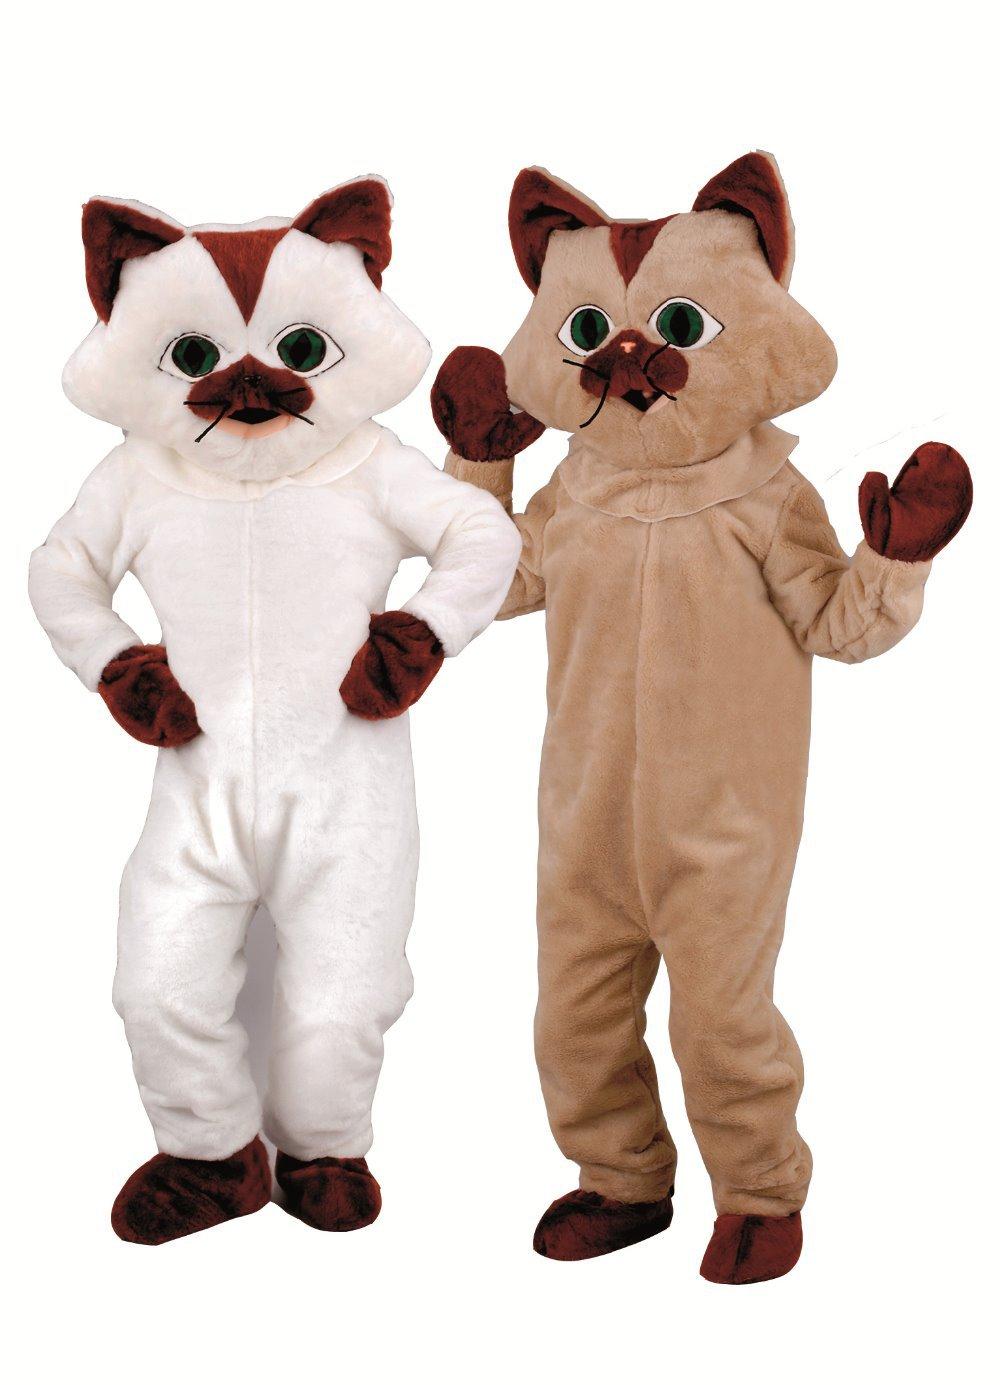 1 pièce maison domestique chat mascotte costume taille adulte réaliste kitty thème anime cosplay costumes fursuit déguisements kits